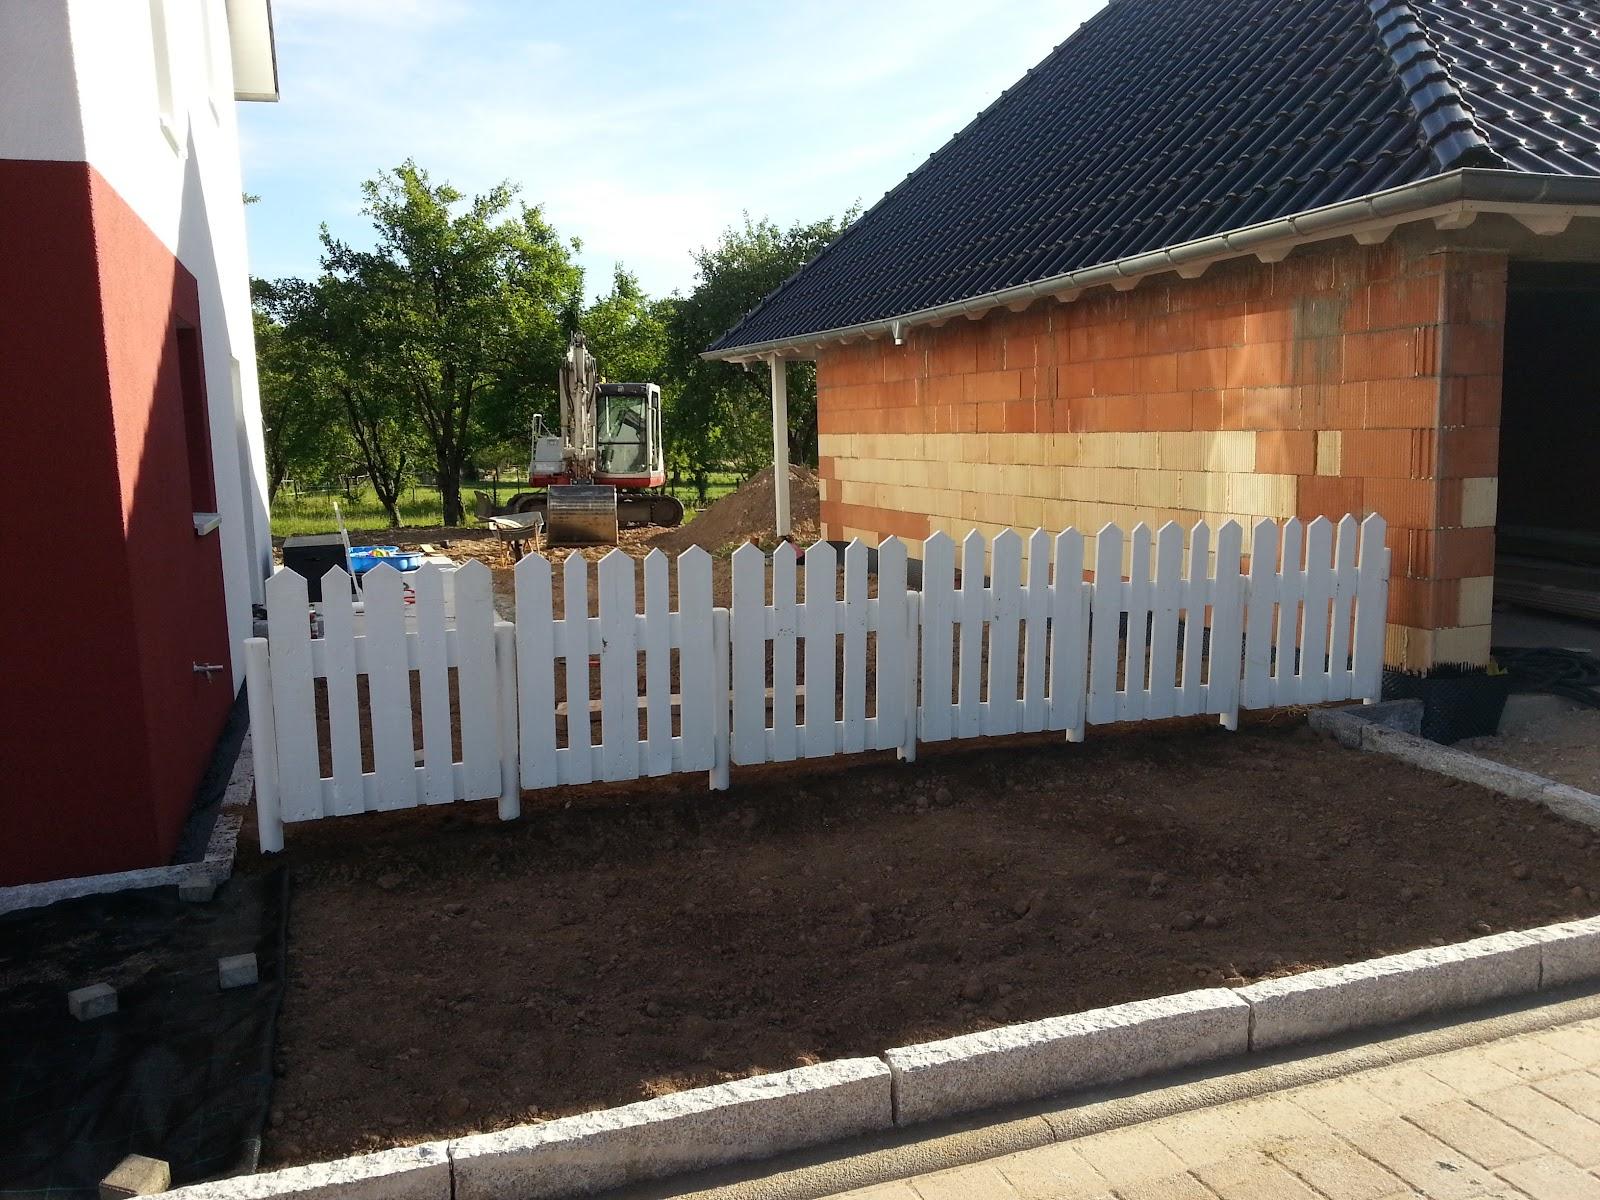 wir bauen ein okal-haus: zaun aus europaletten, Gartenarbeit ideen